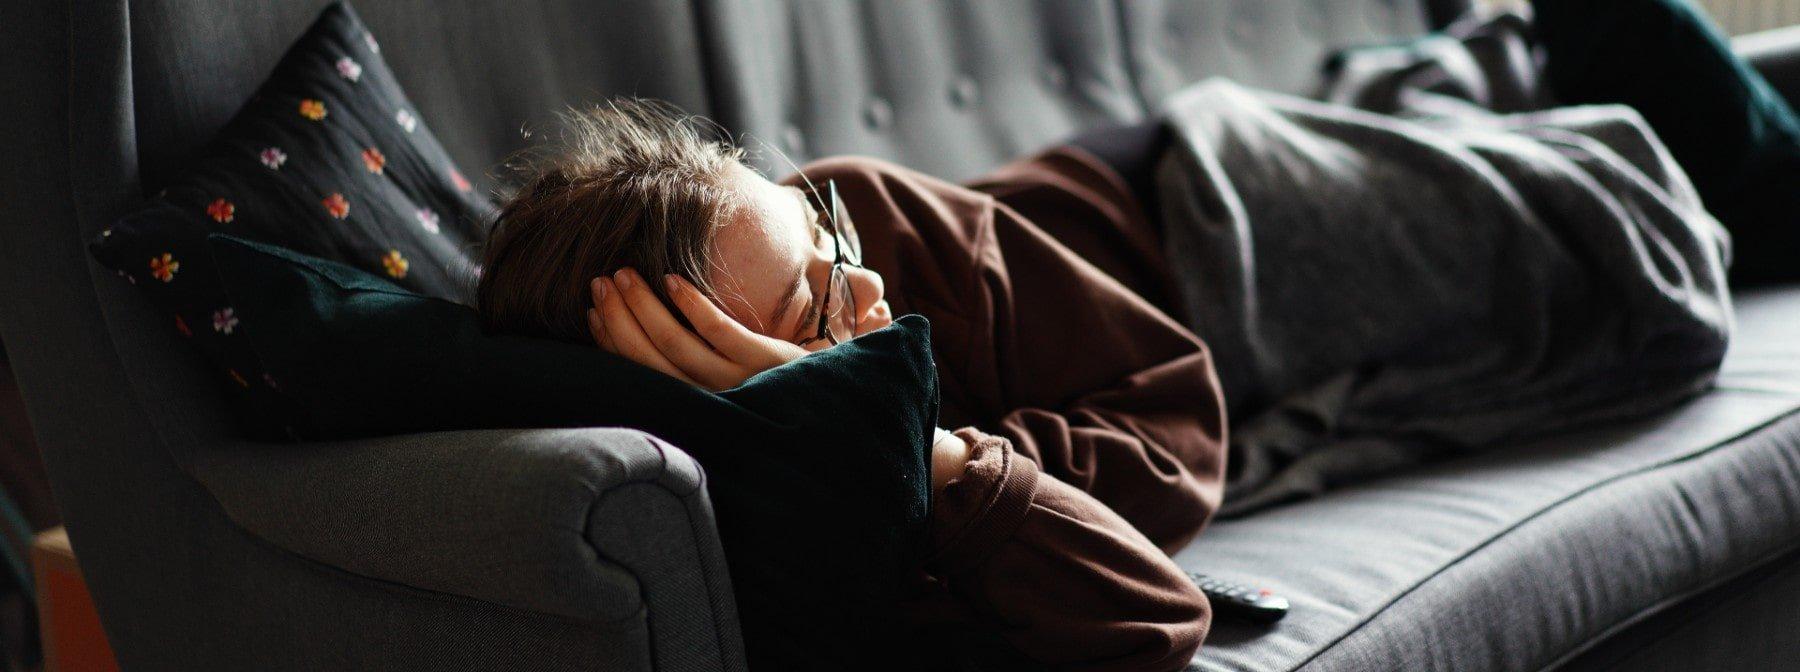 Non, les courtes siestes ne compensent pas le manque de sommeil